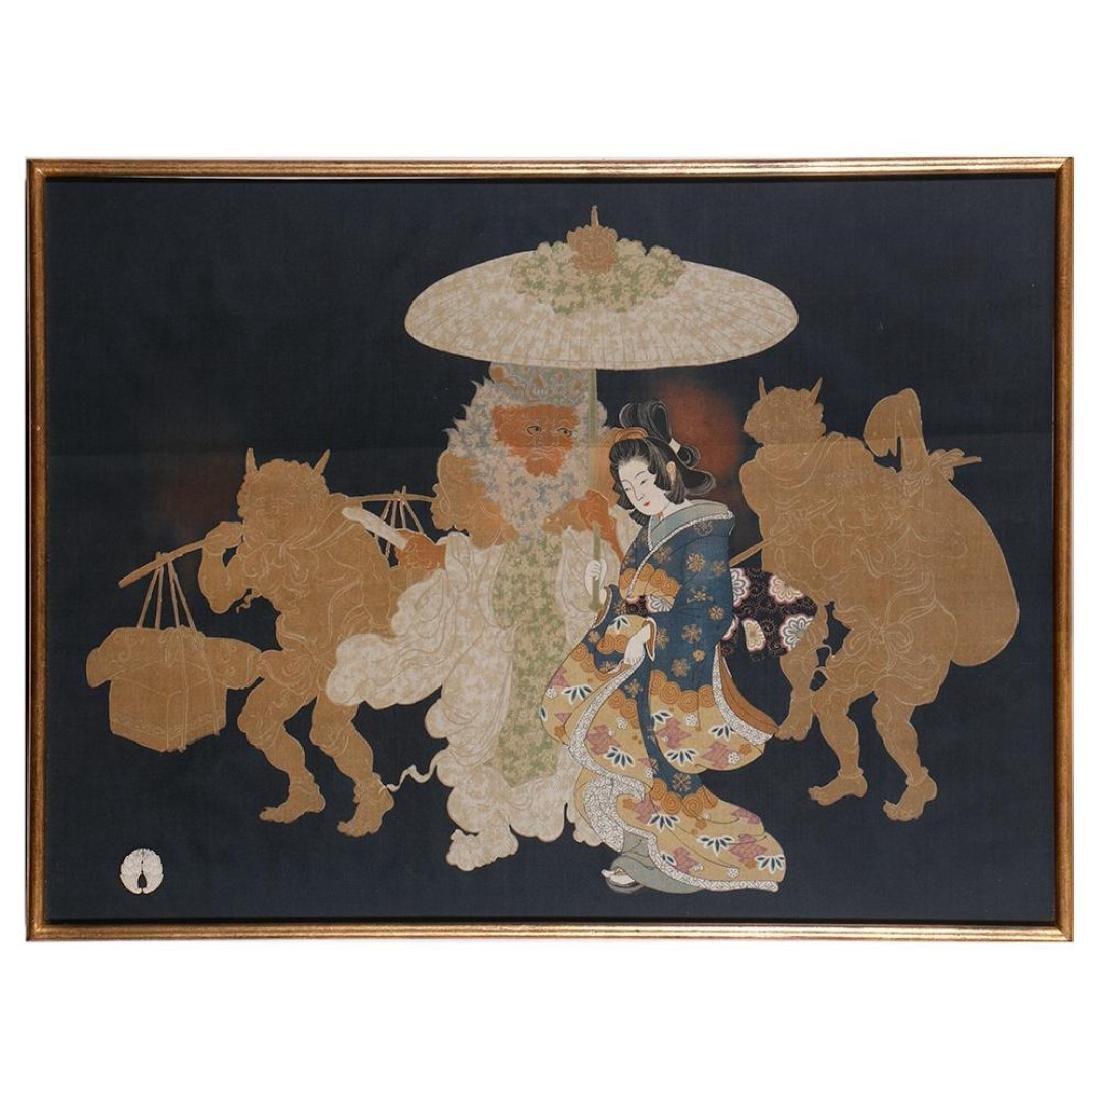 Antique Japanese textile